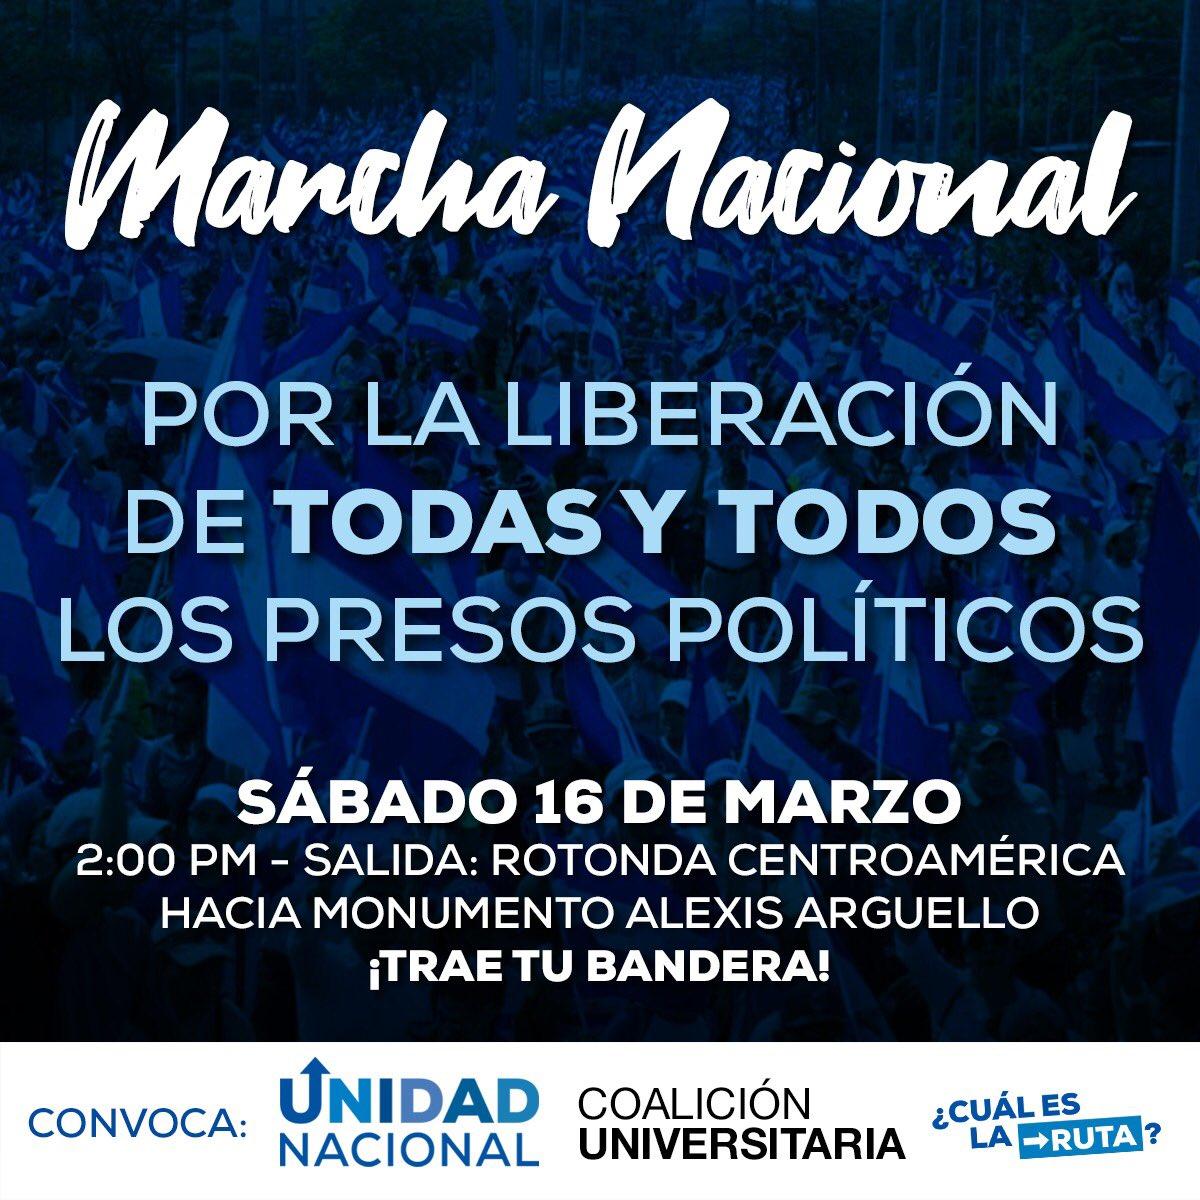 Unidad Nacional Azul y Blanco's photo on Monumento